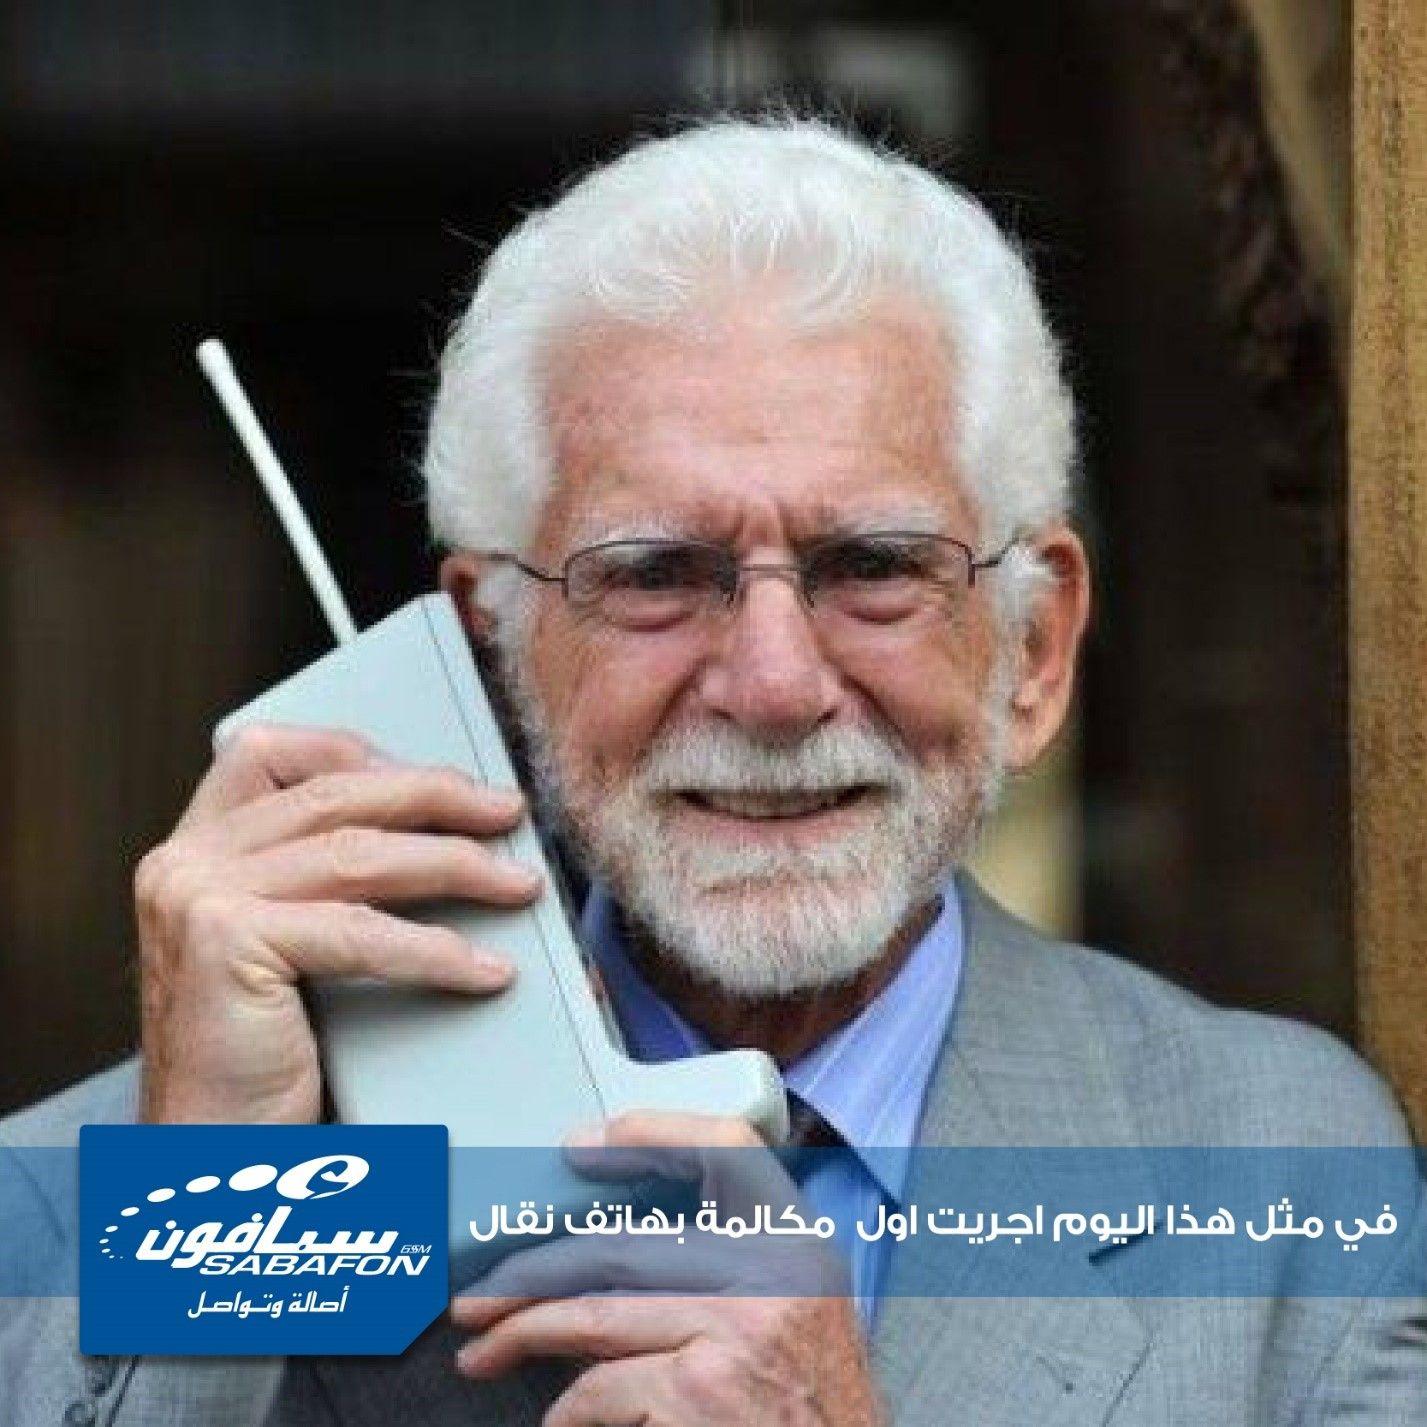 مارتن كوبر هو اول مخترع هاتف محمول وفي مثل هذا اليوم اجريت اول مكالمة بهاتف نقال في المملكة المتحدة في مثل هذا اليوم س Fictional Characters Einstein Social